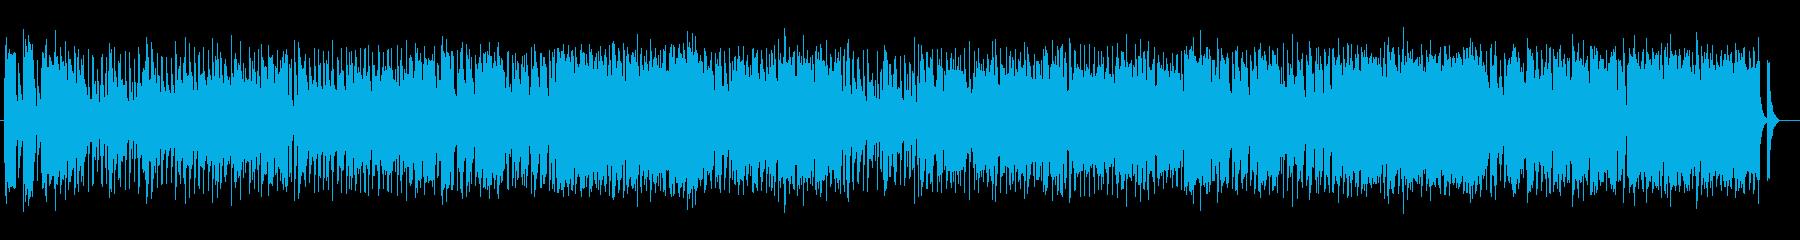 軽快でスウィングするジャジーなポップスの再生済みの波形